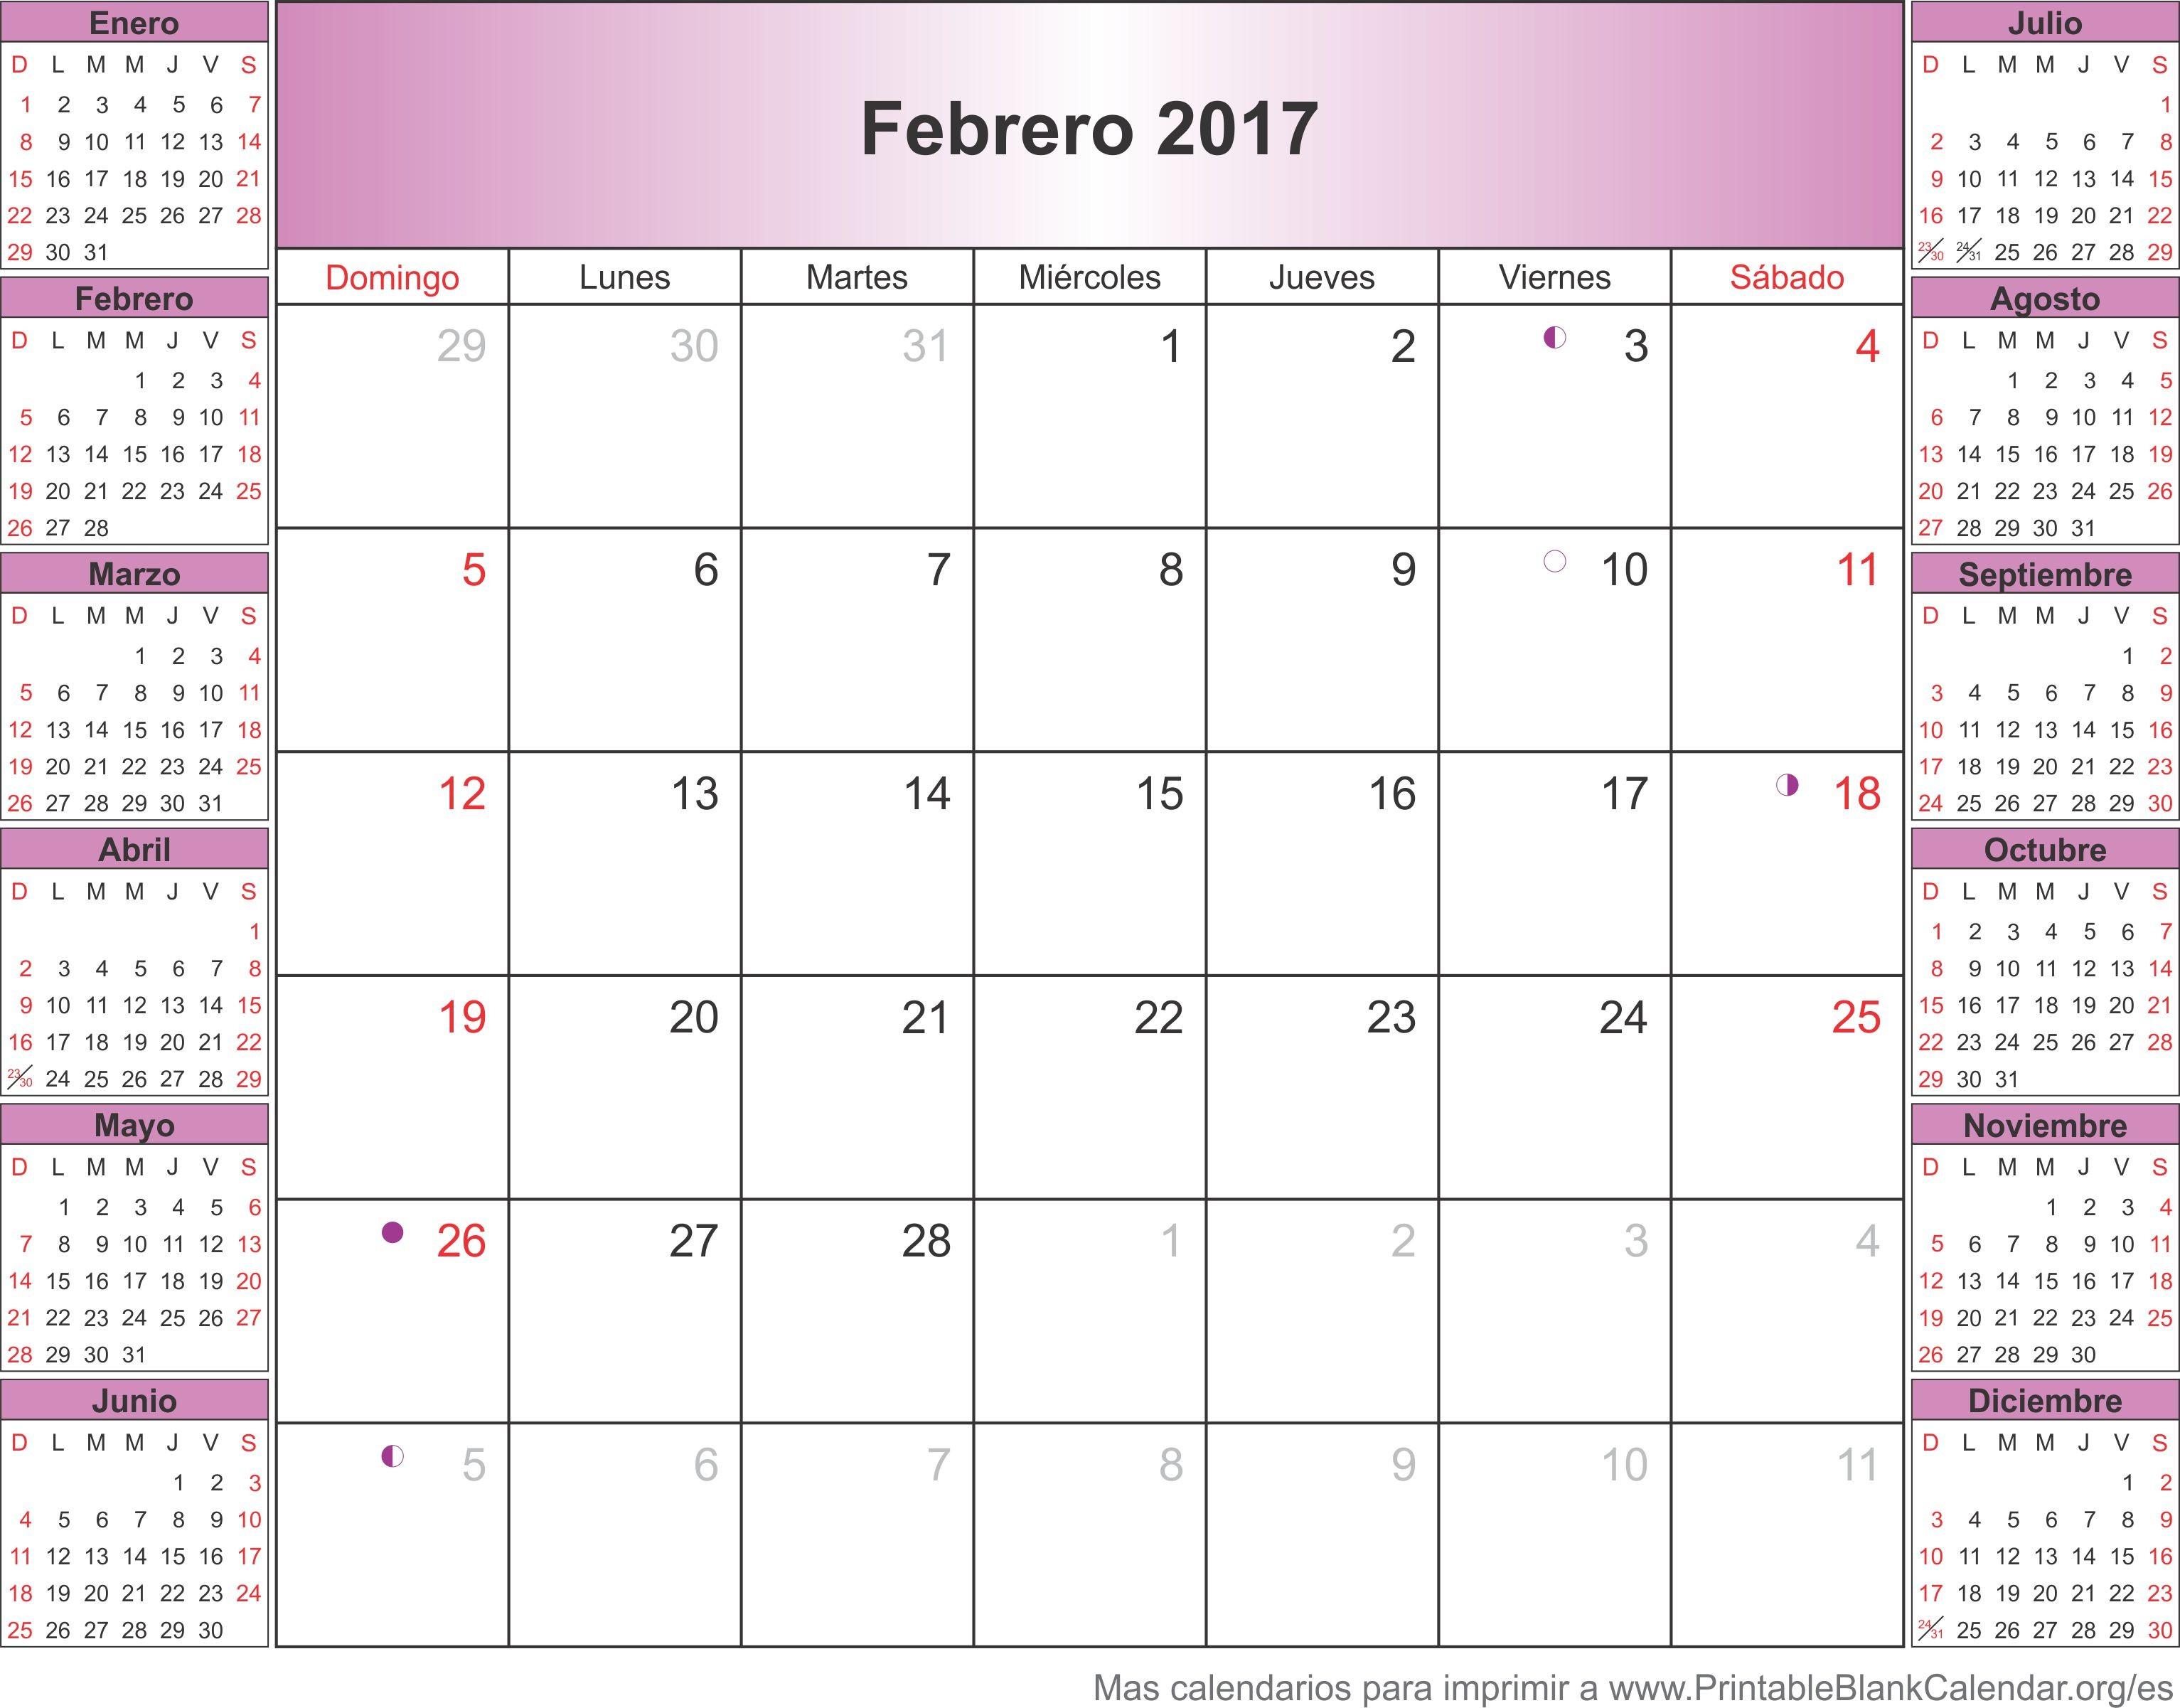 Calendario Imprimir Julio 2017 Más Caliente Febrero 2017 Calendario Calendarios Para Imprimir Of Calendario Imprimir Julio 2017 Actual Calendario 2017